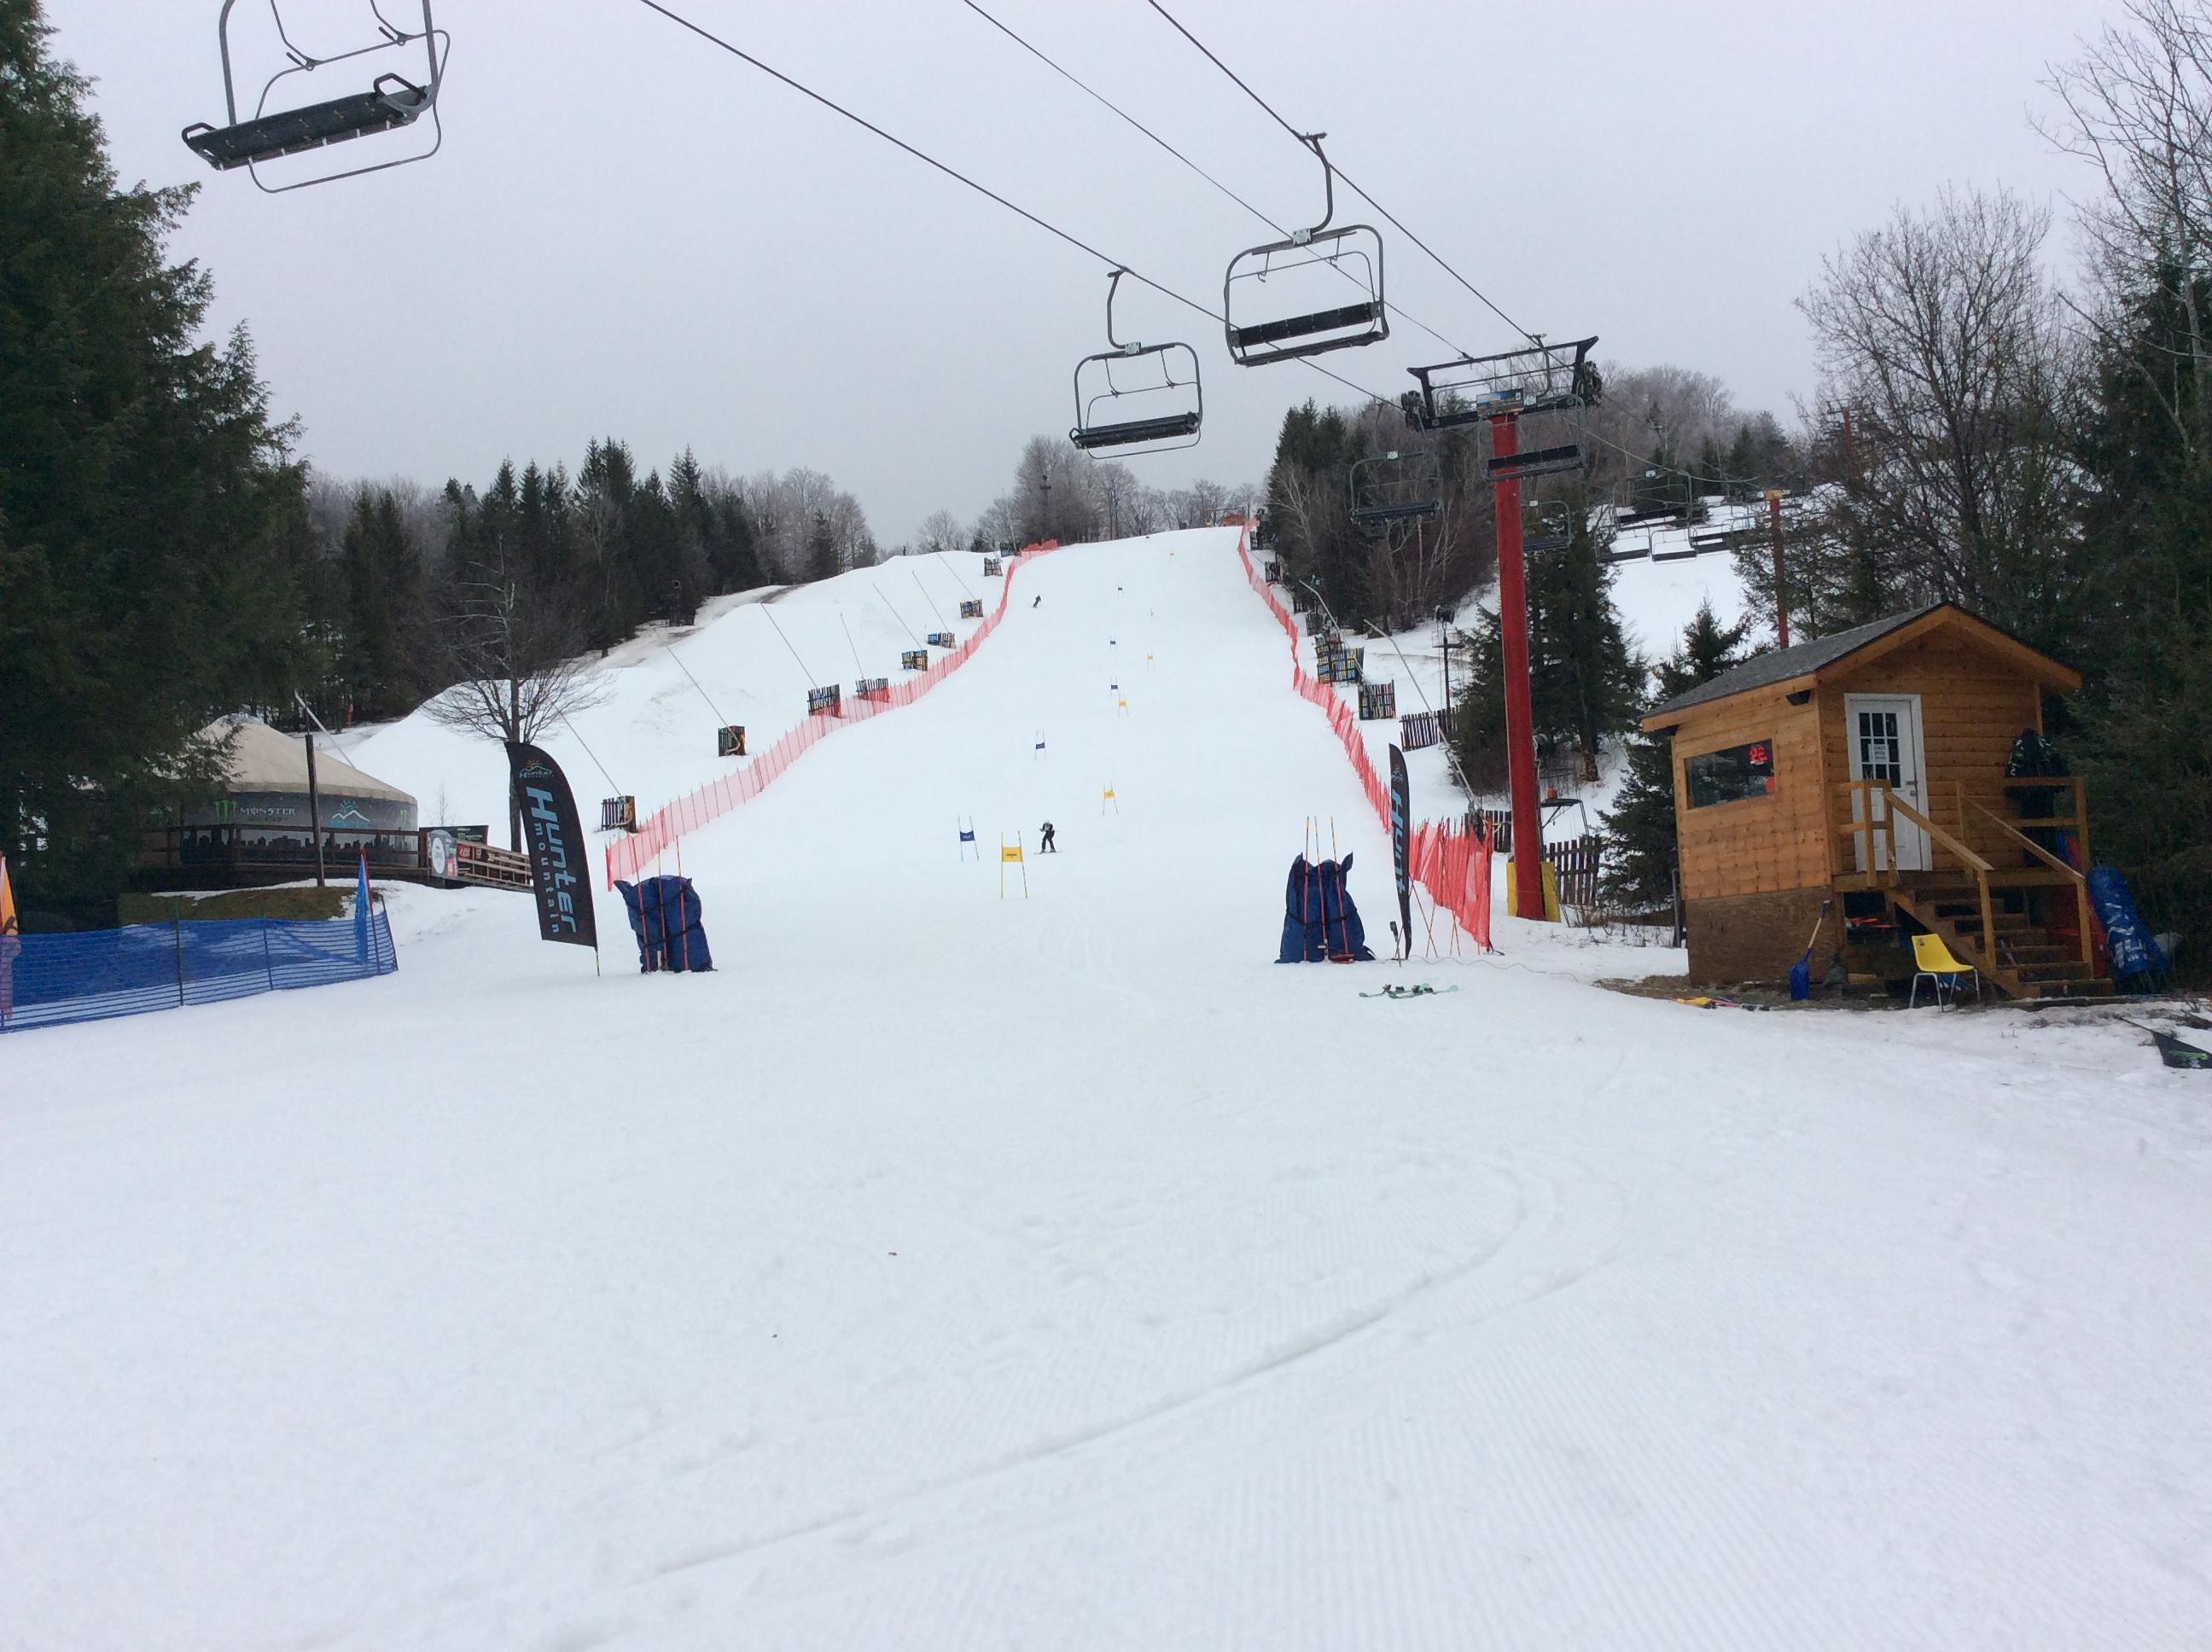 nypd-ski-club_31553672324_o